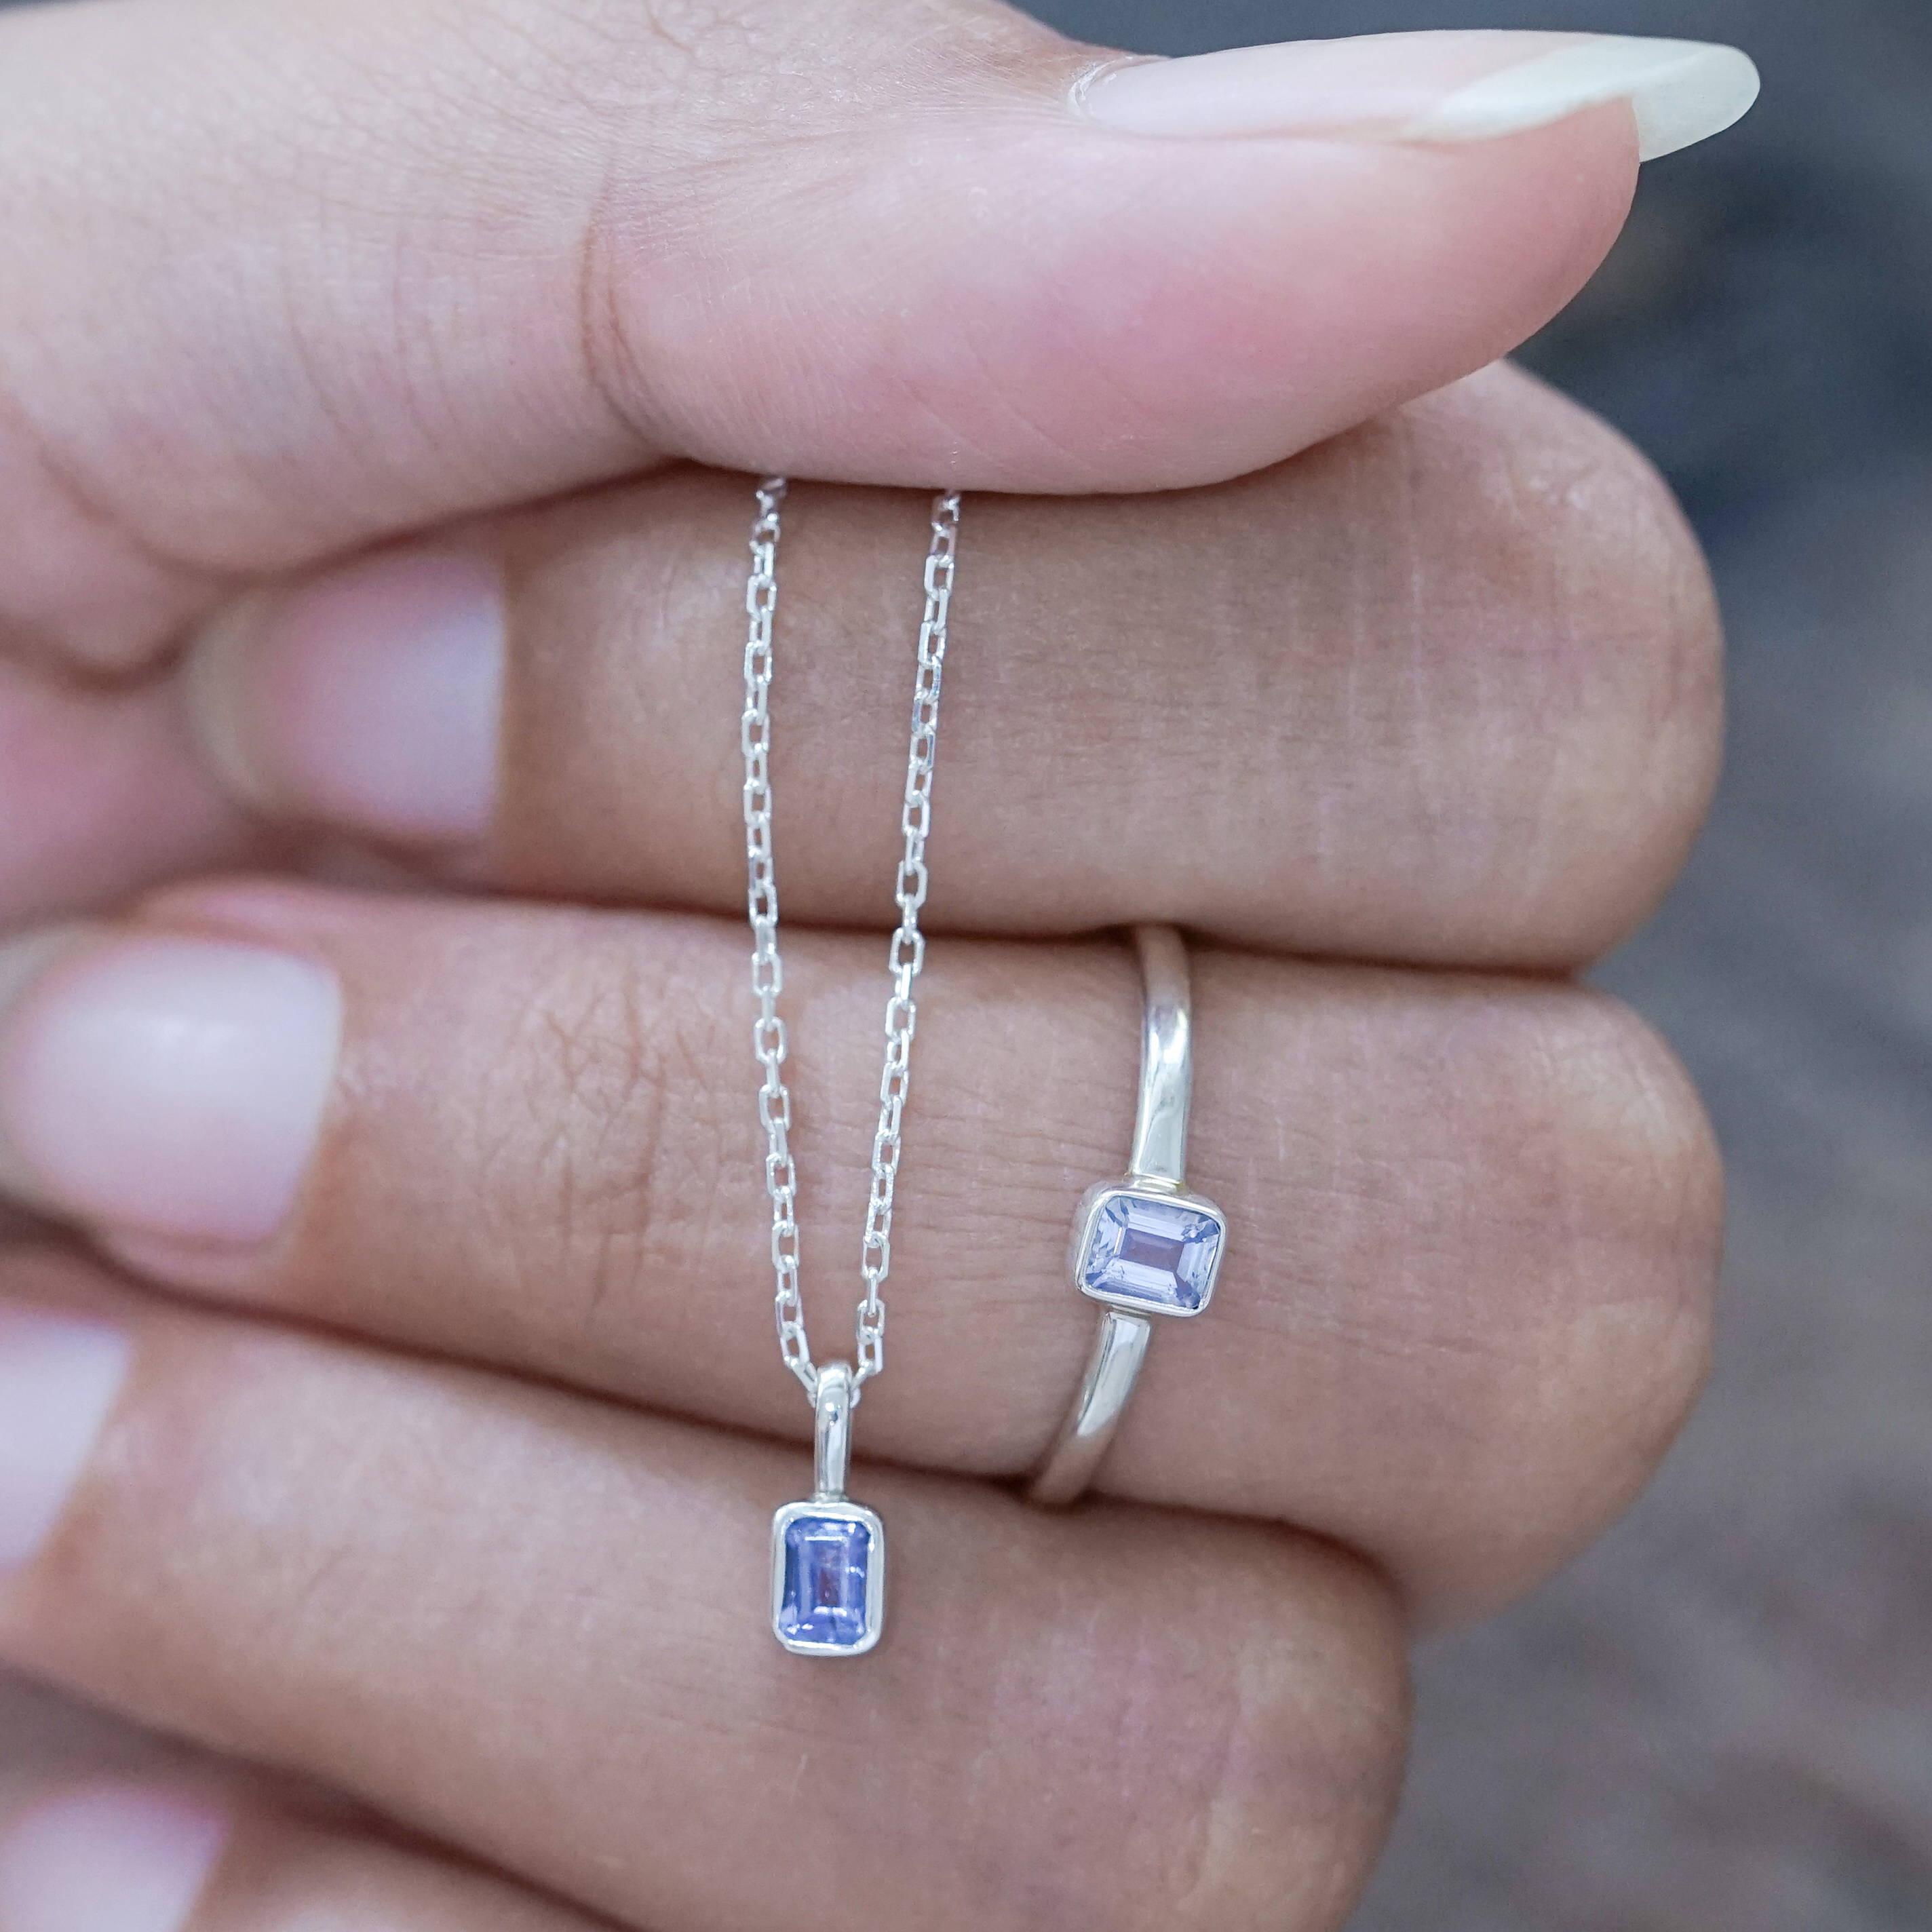 Silver tanzanite ring and silver tanzanite necklace